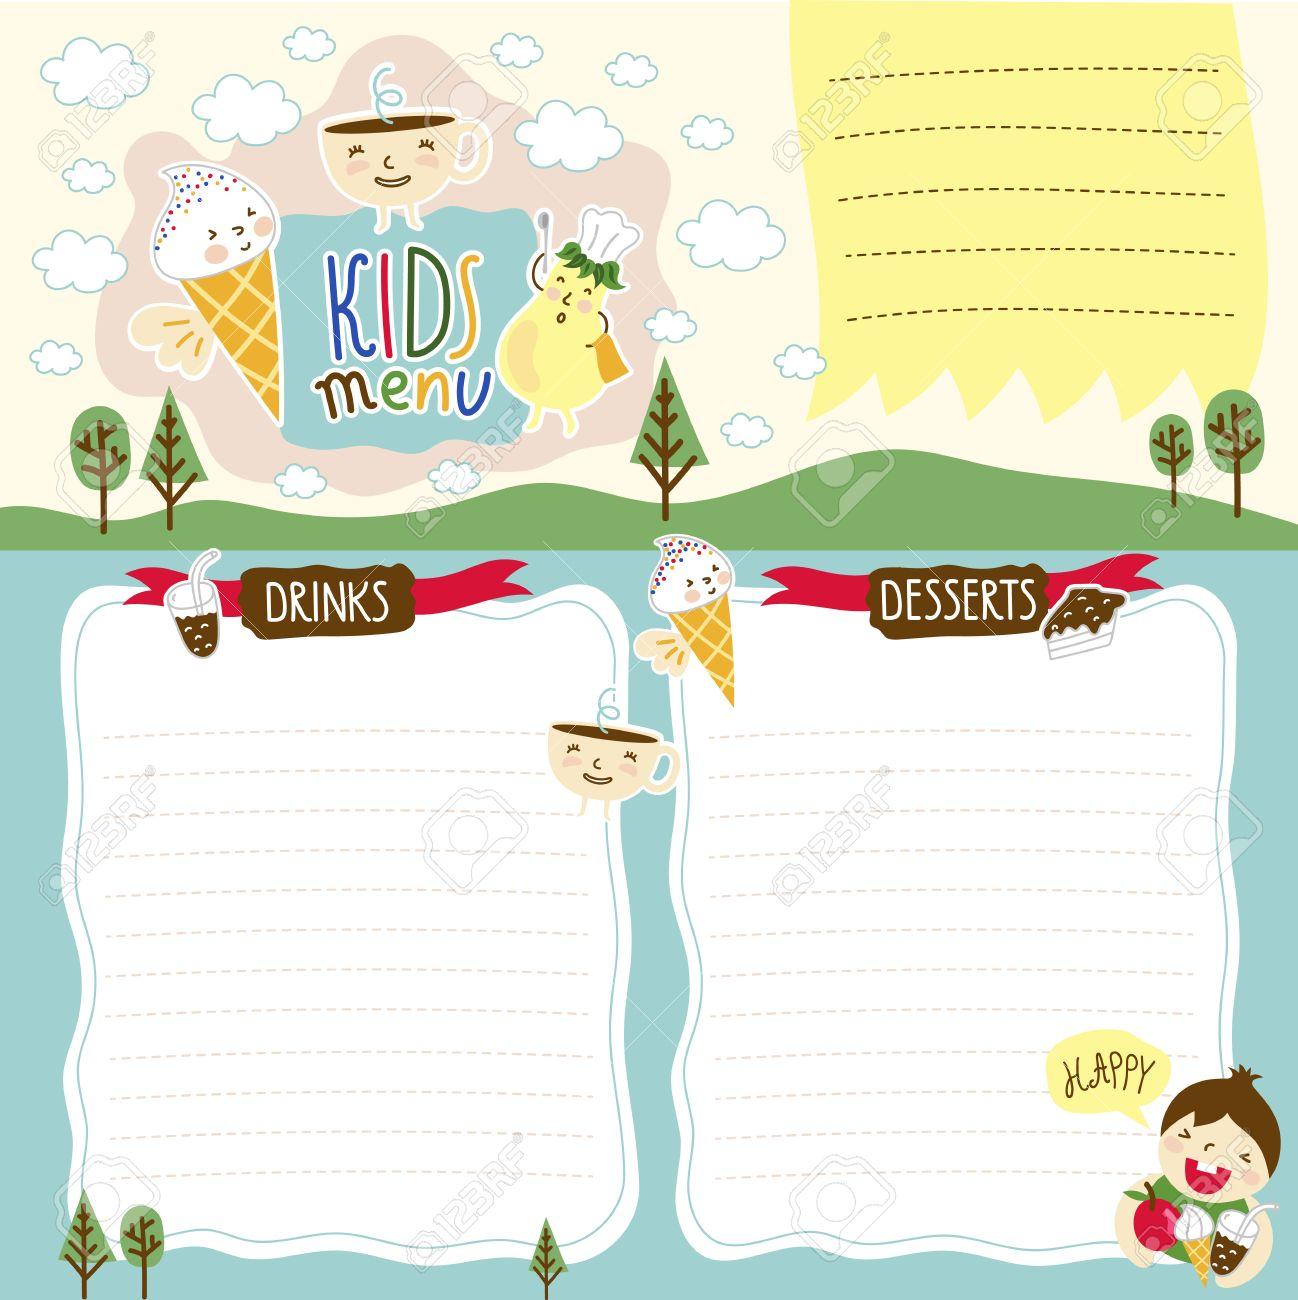 Plantilla De Mapa De Bits Menú Para Niños, Diseño De Dibujos ...